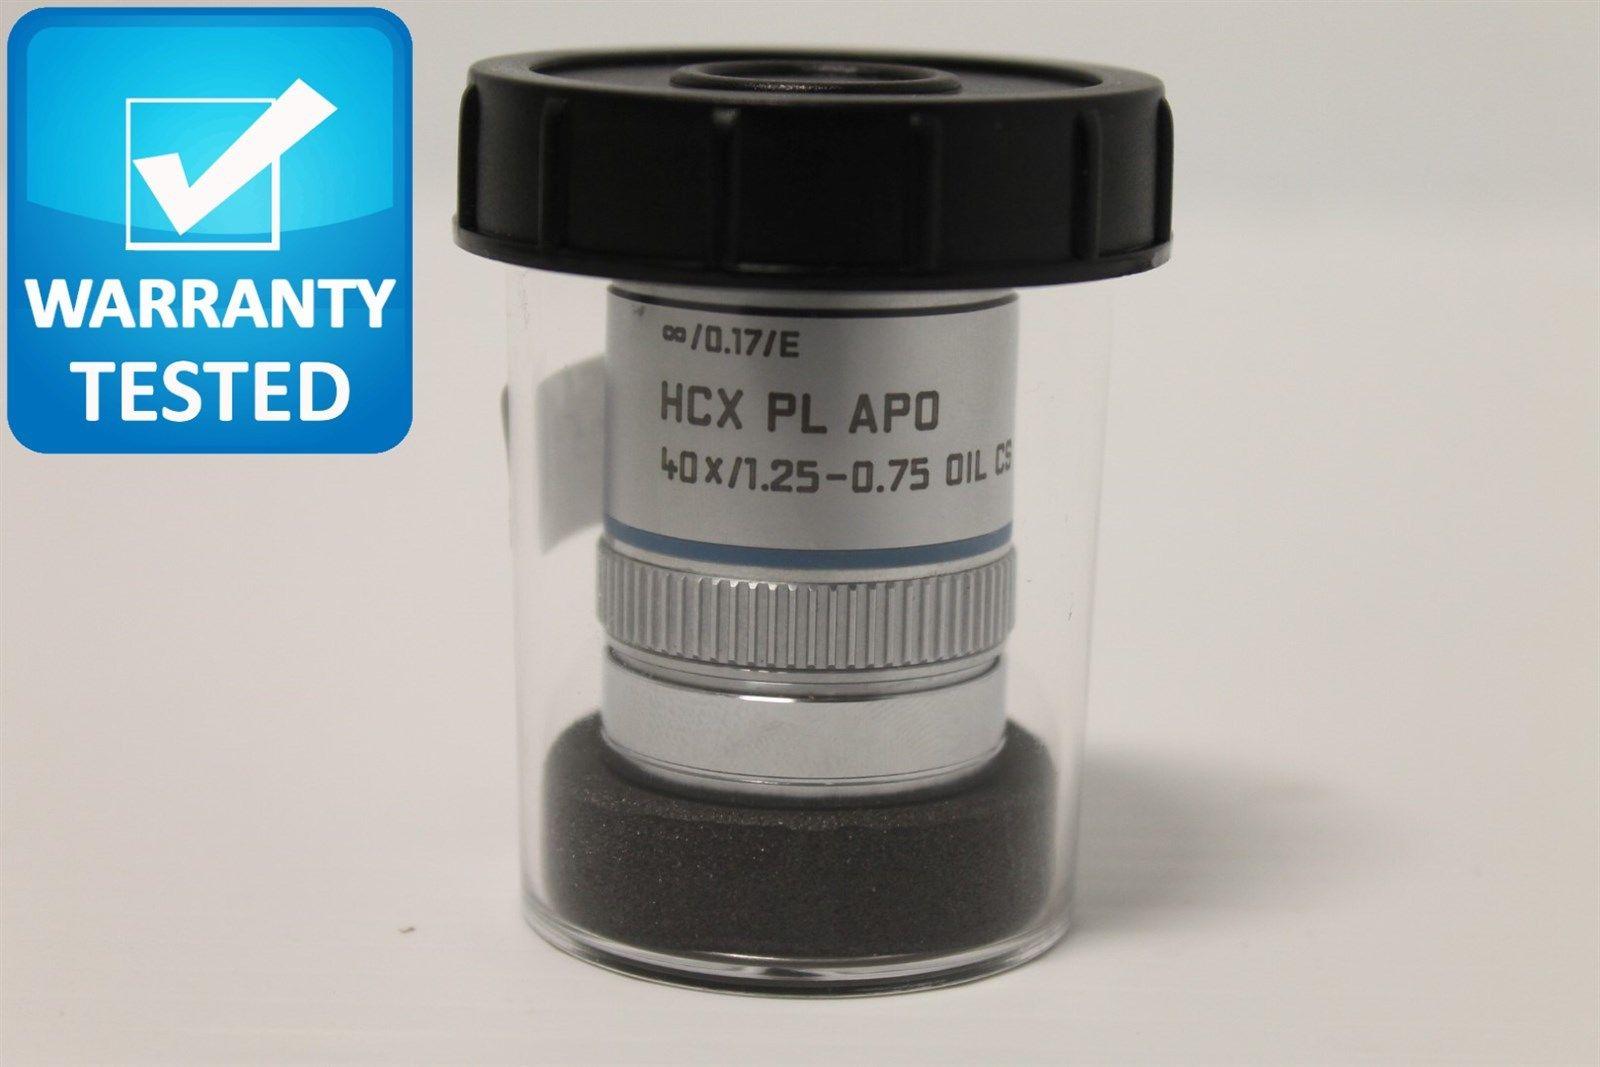 Leica HCX Plan Apo 40x/1.25-0.75 OIL CS [infinity]/0.17/E Objective 506179